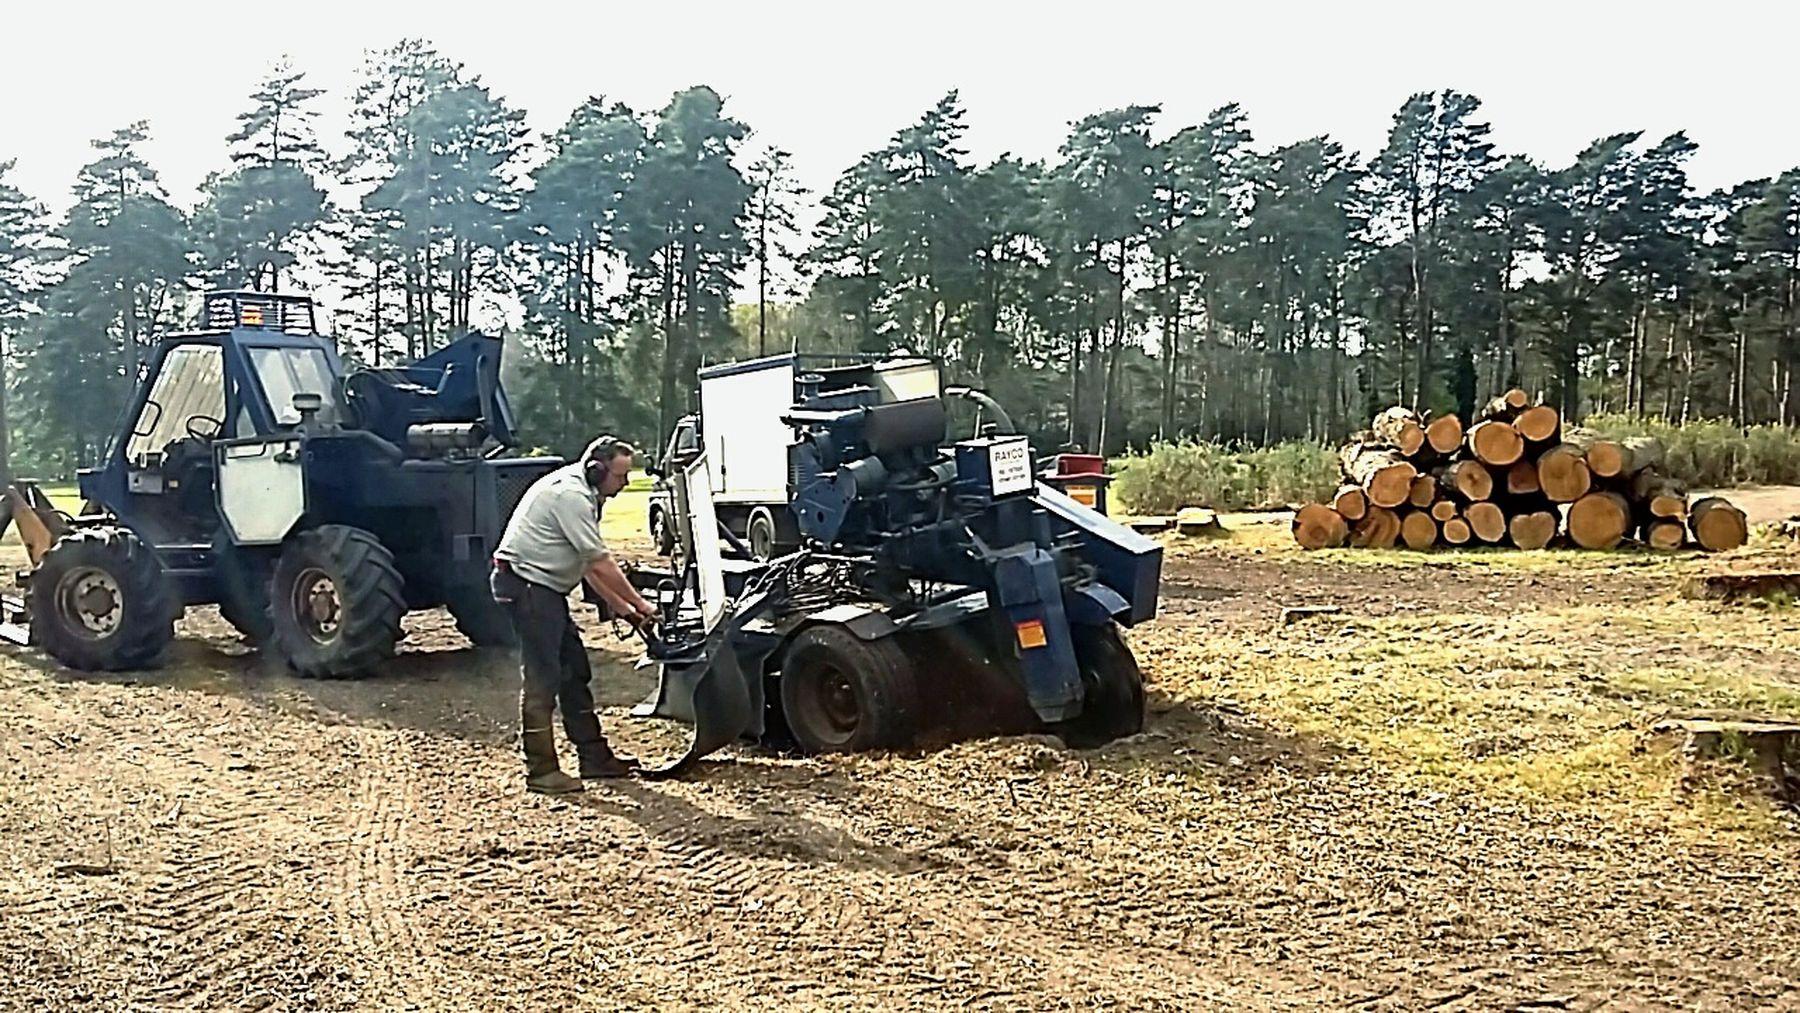 Serious grind Tree Surgeon Arborist Stumps Overkill Treebiz First Eyeem Photo